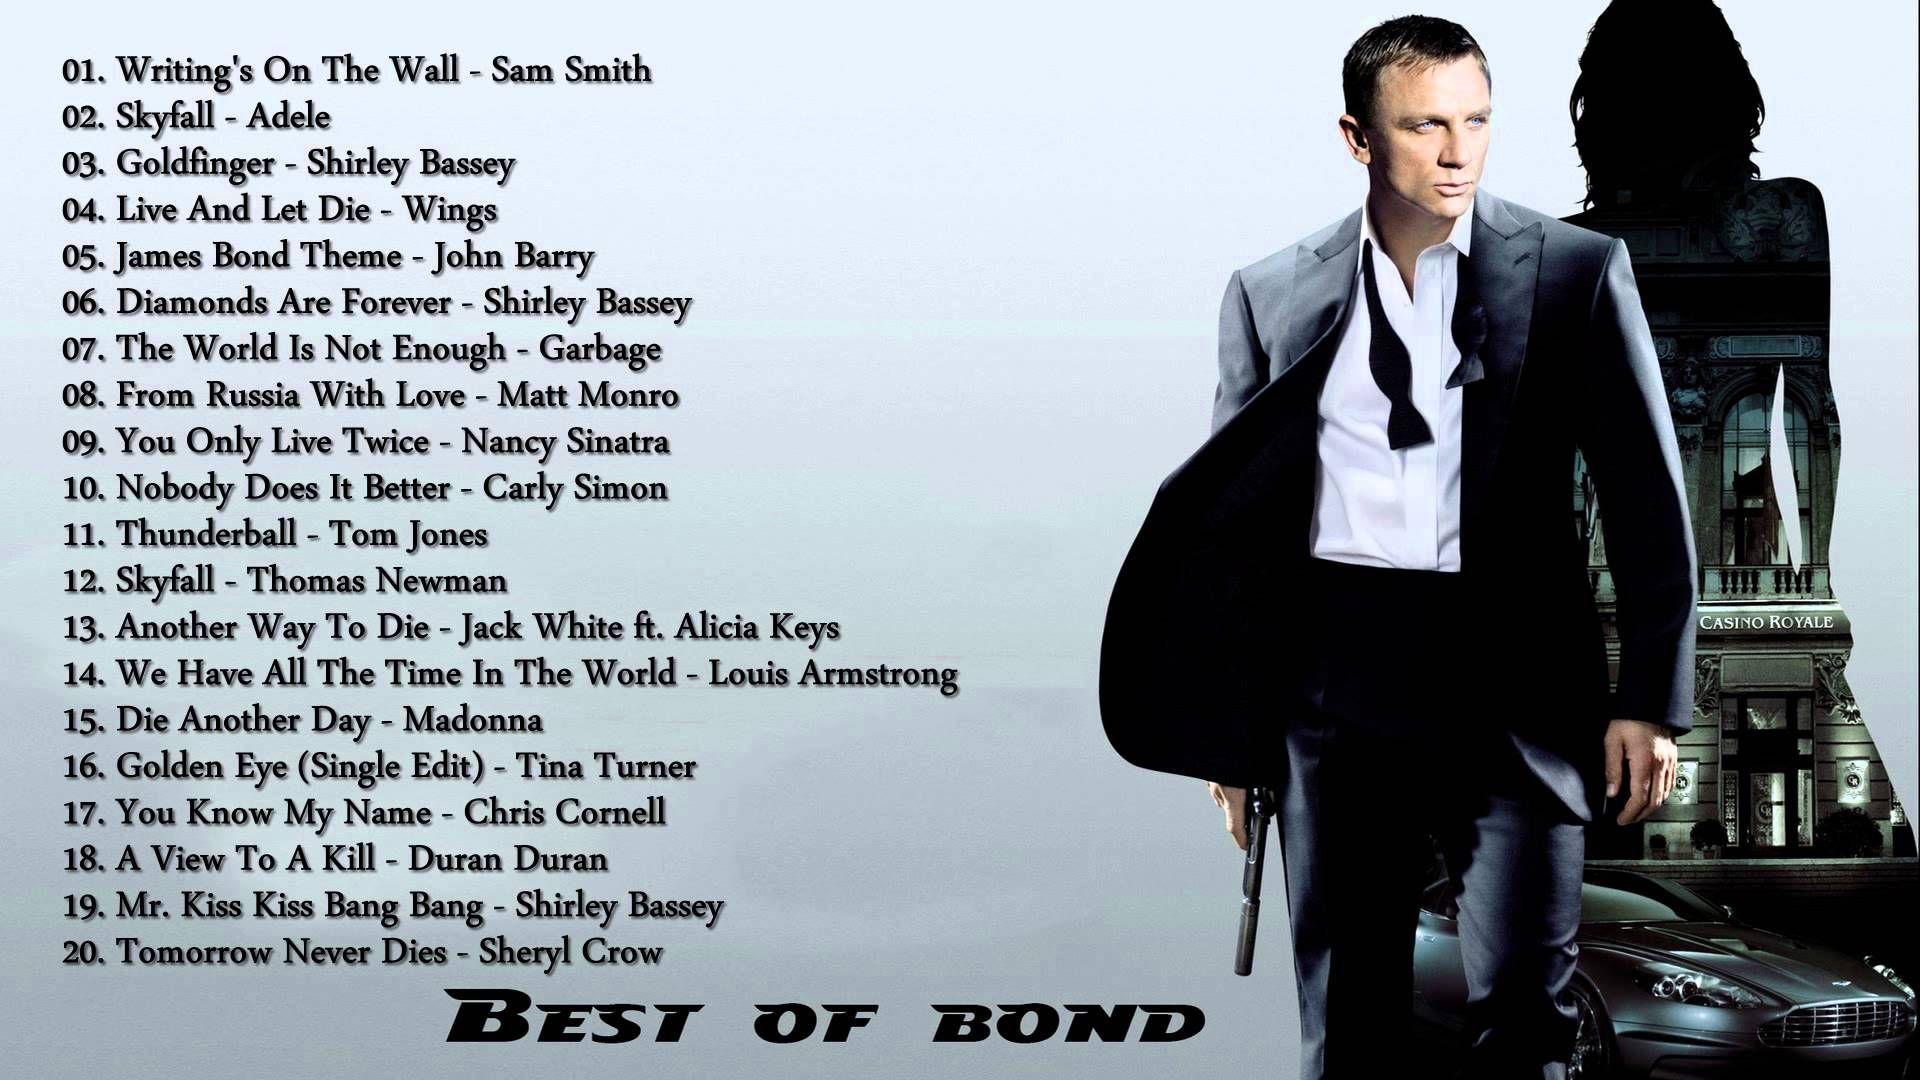 Bond james movie music